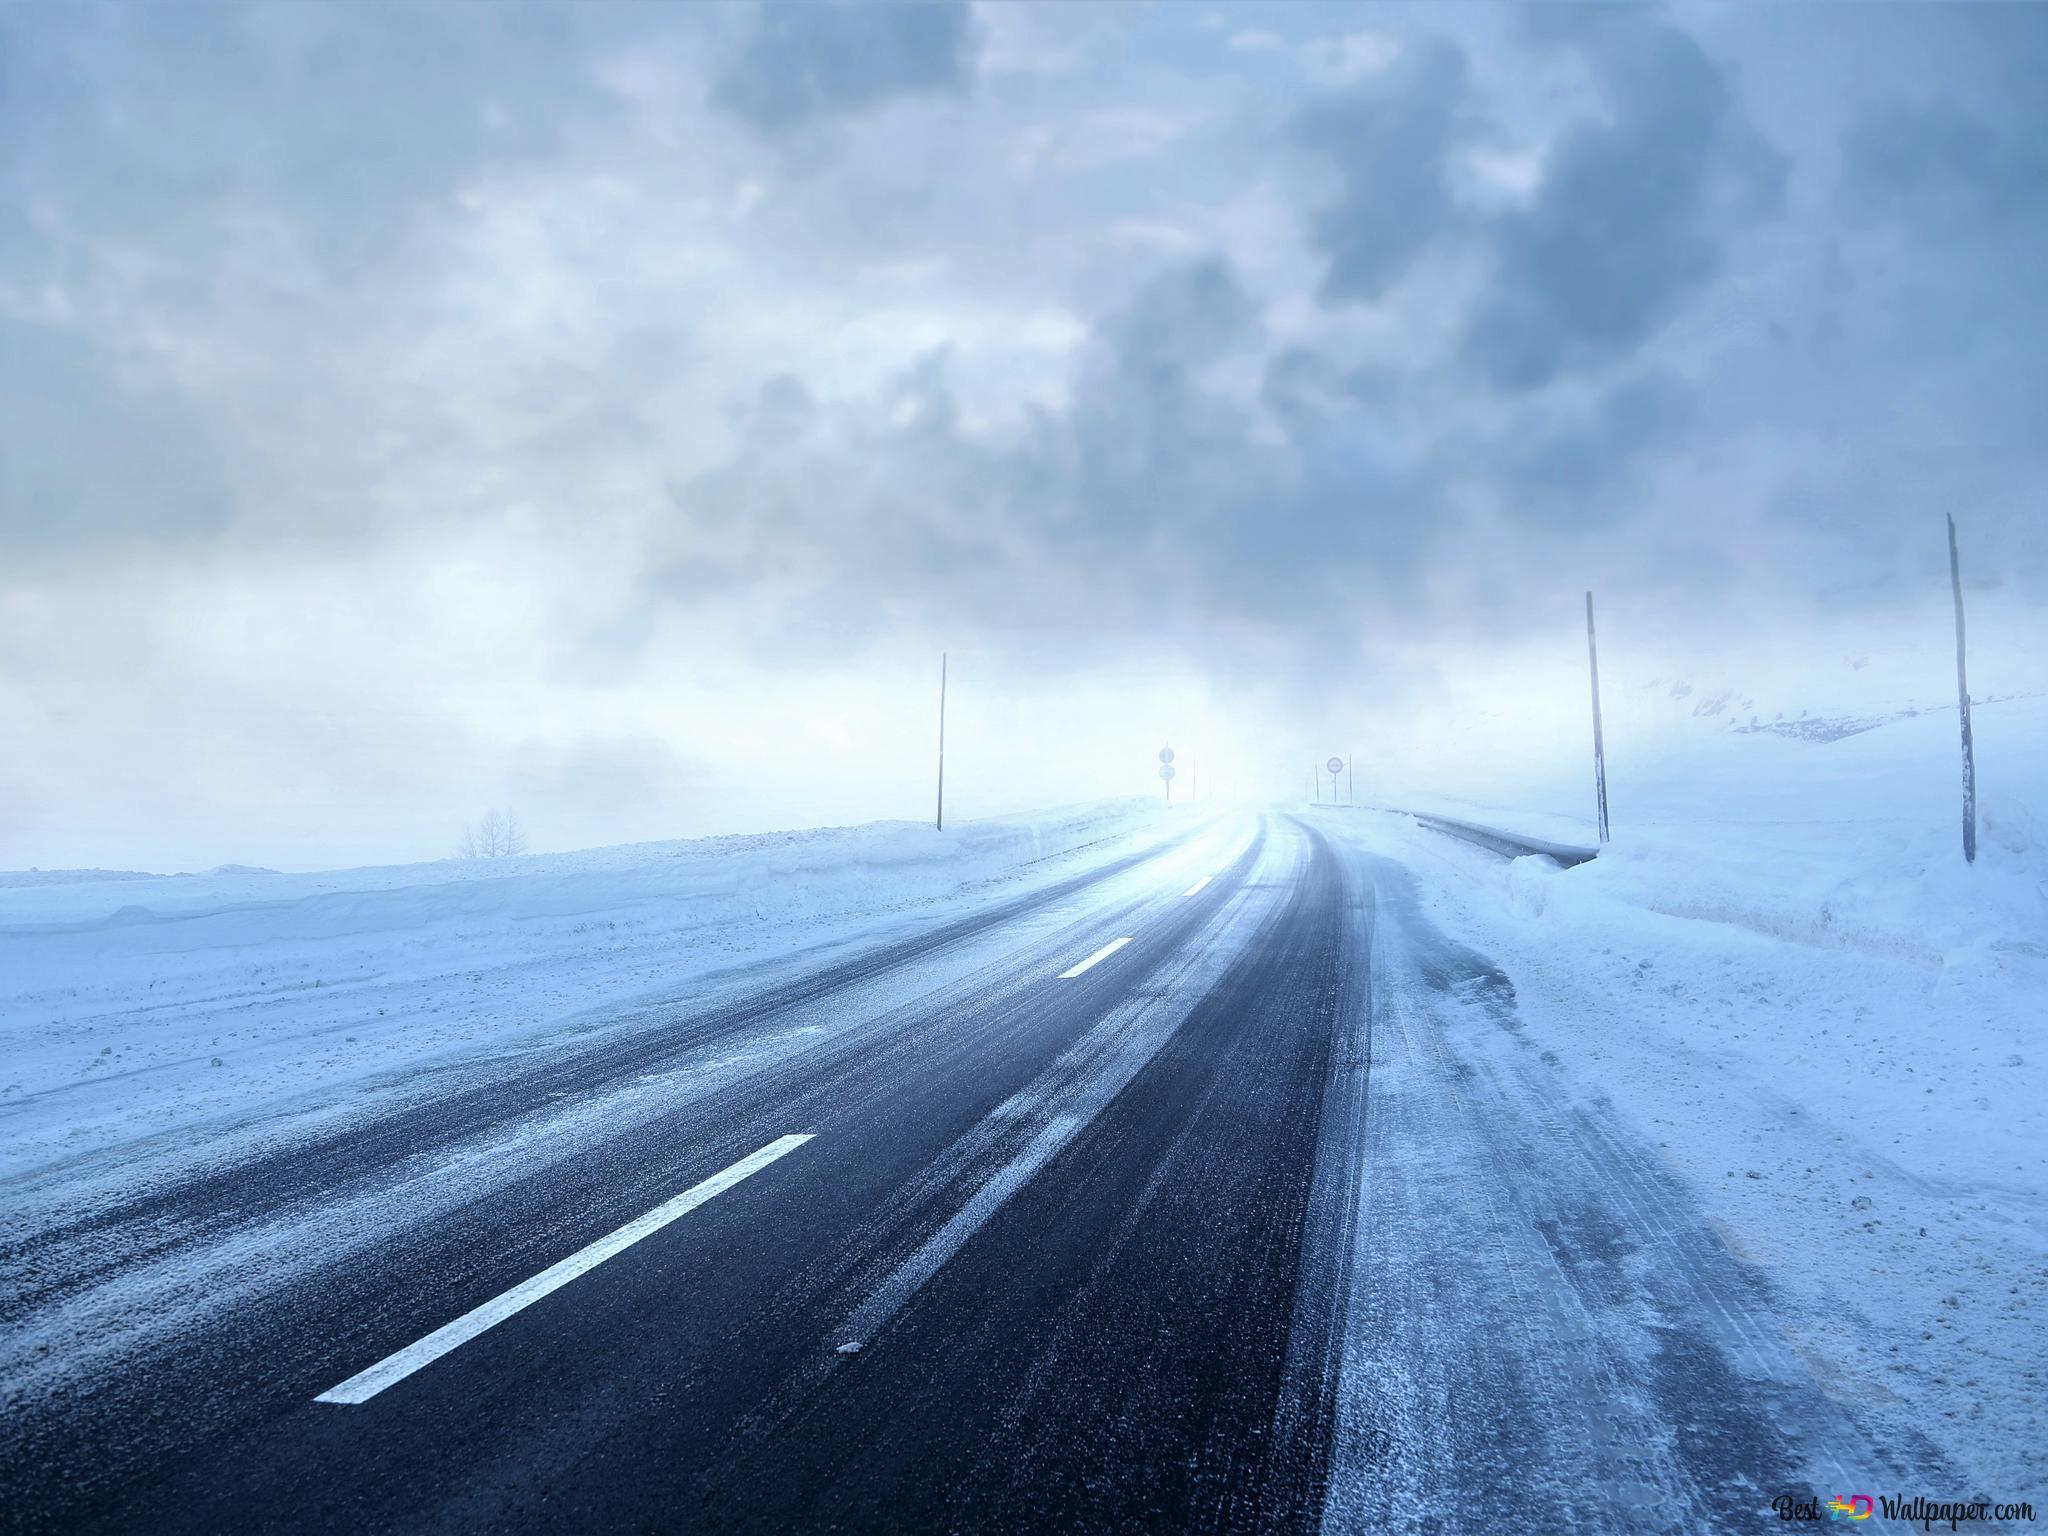 嵐の冬の道 Hd壁紙のダウンロード